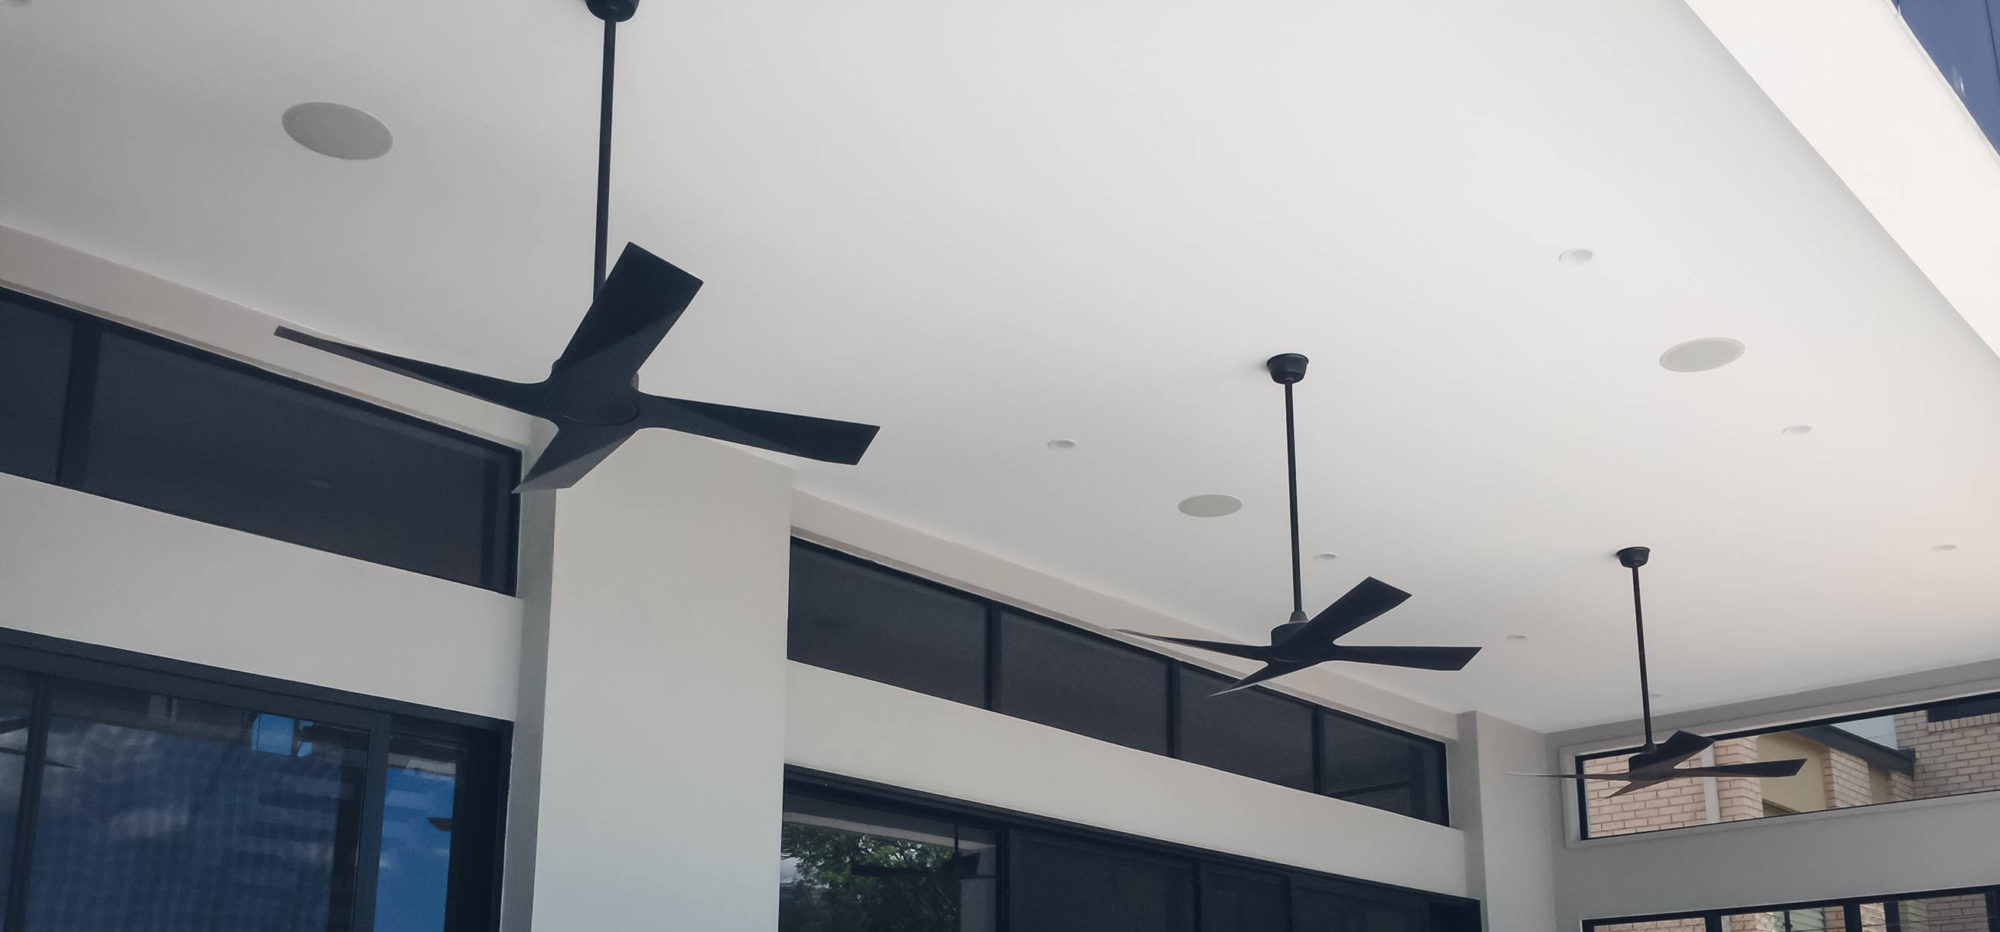 Modn 4 Ceiling Fan 27